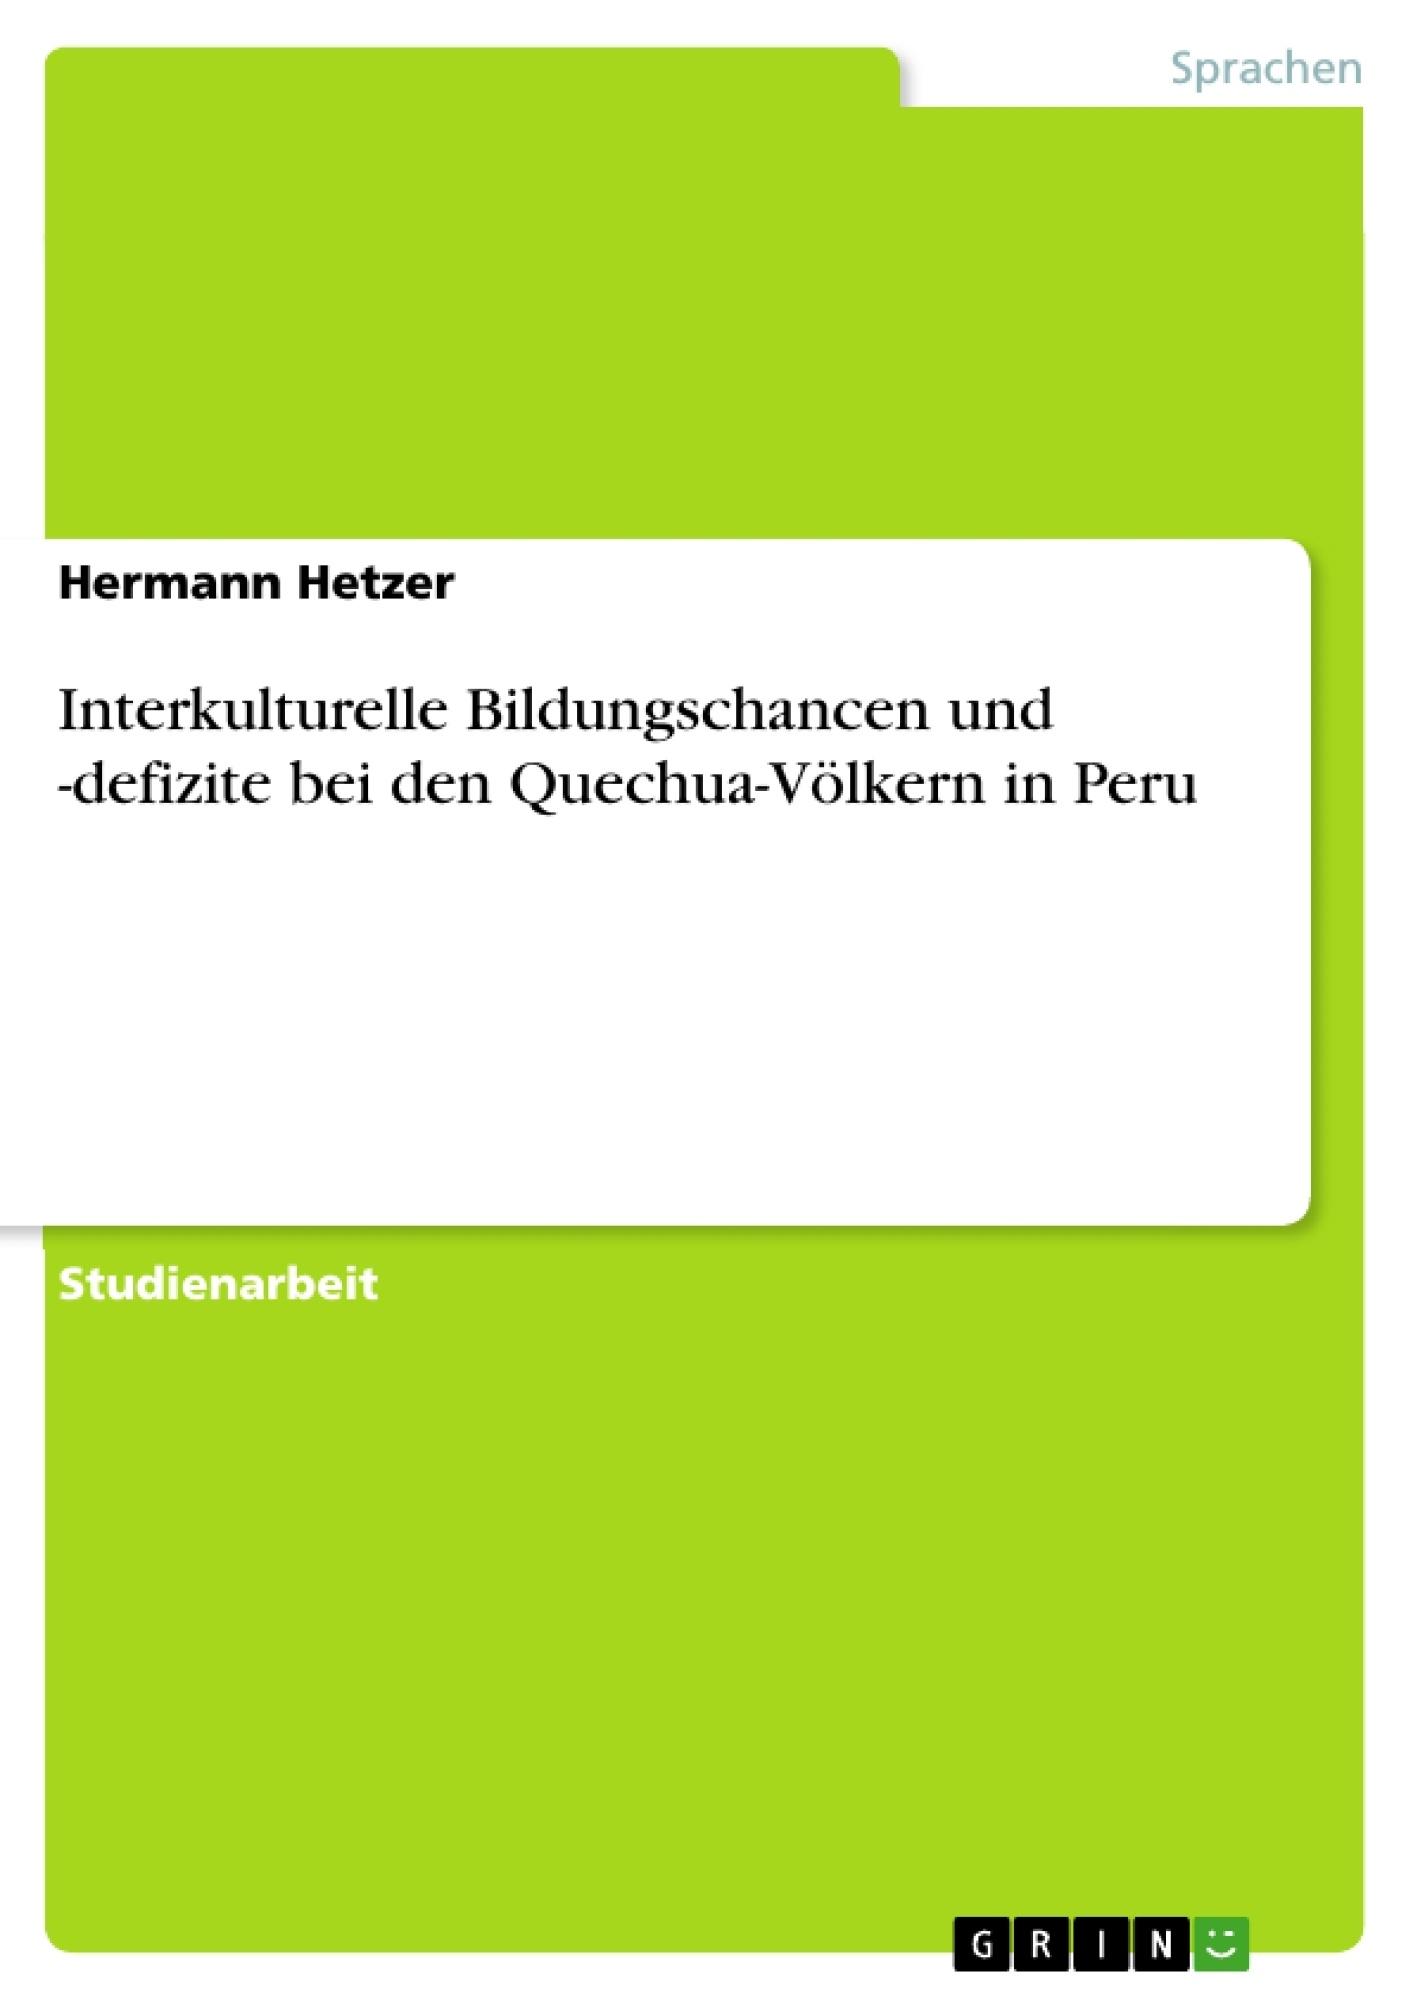 Titel: Interkulturelle Bildungschancen und -defizite bei den Quechua-Völkern in Peru